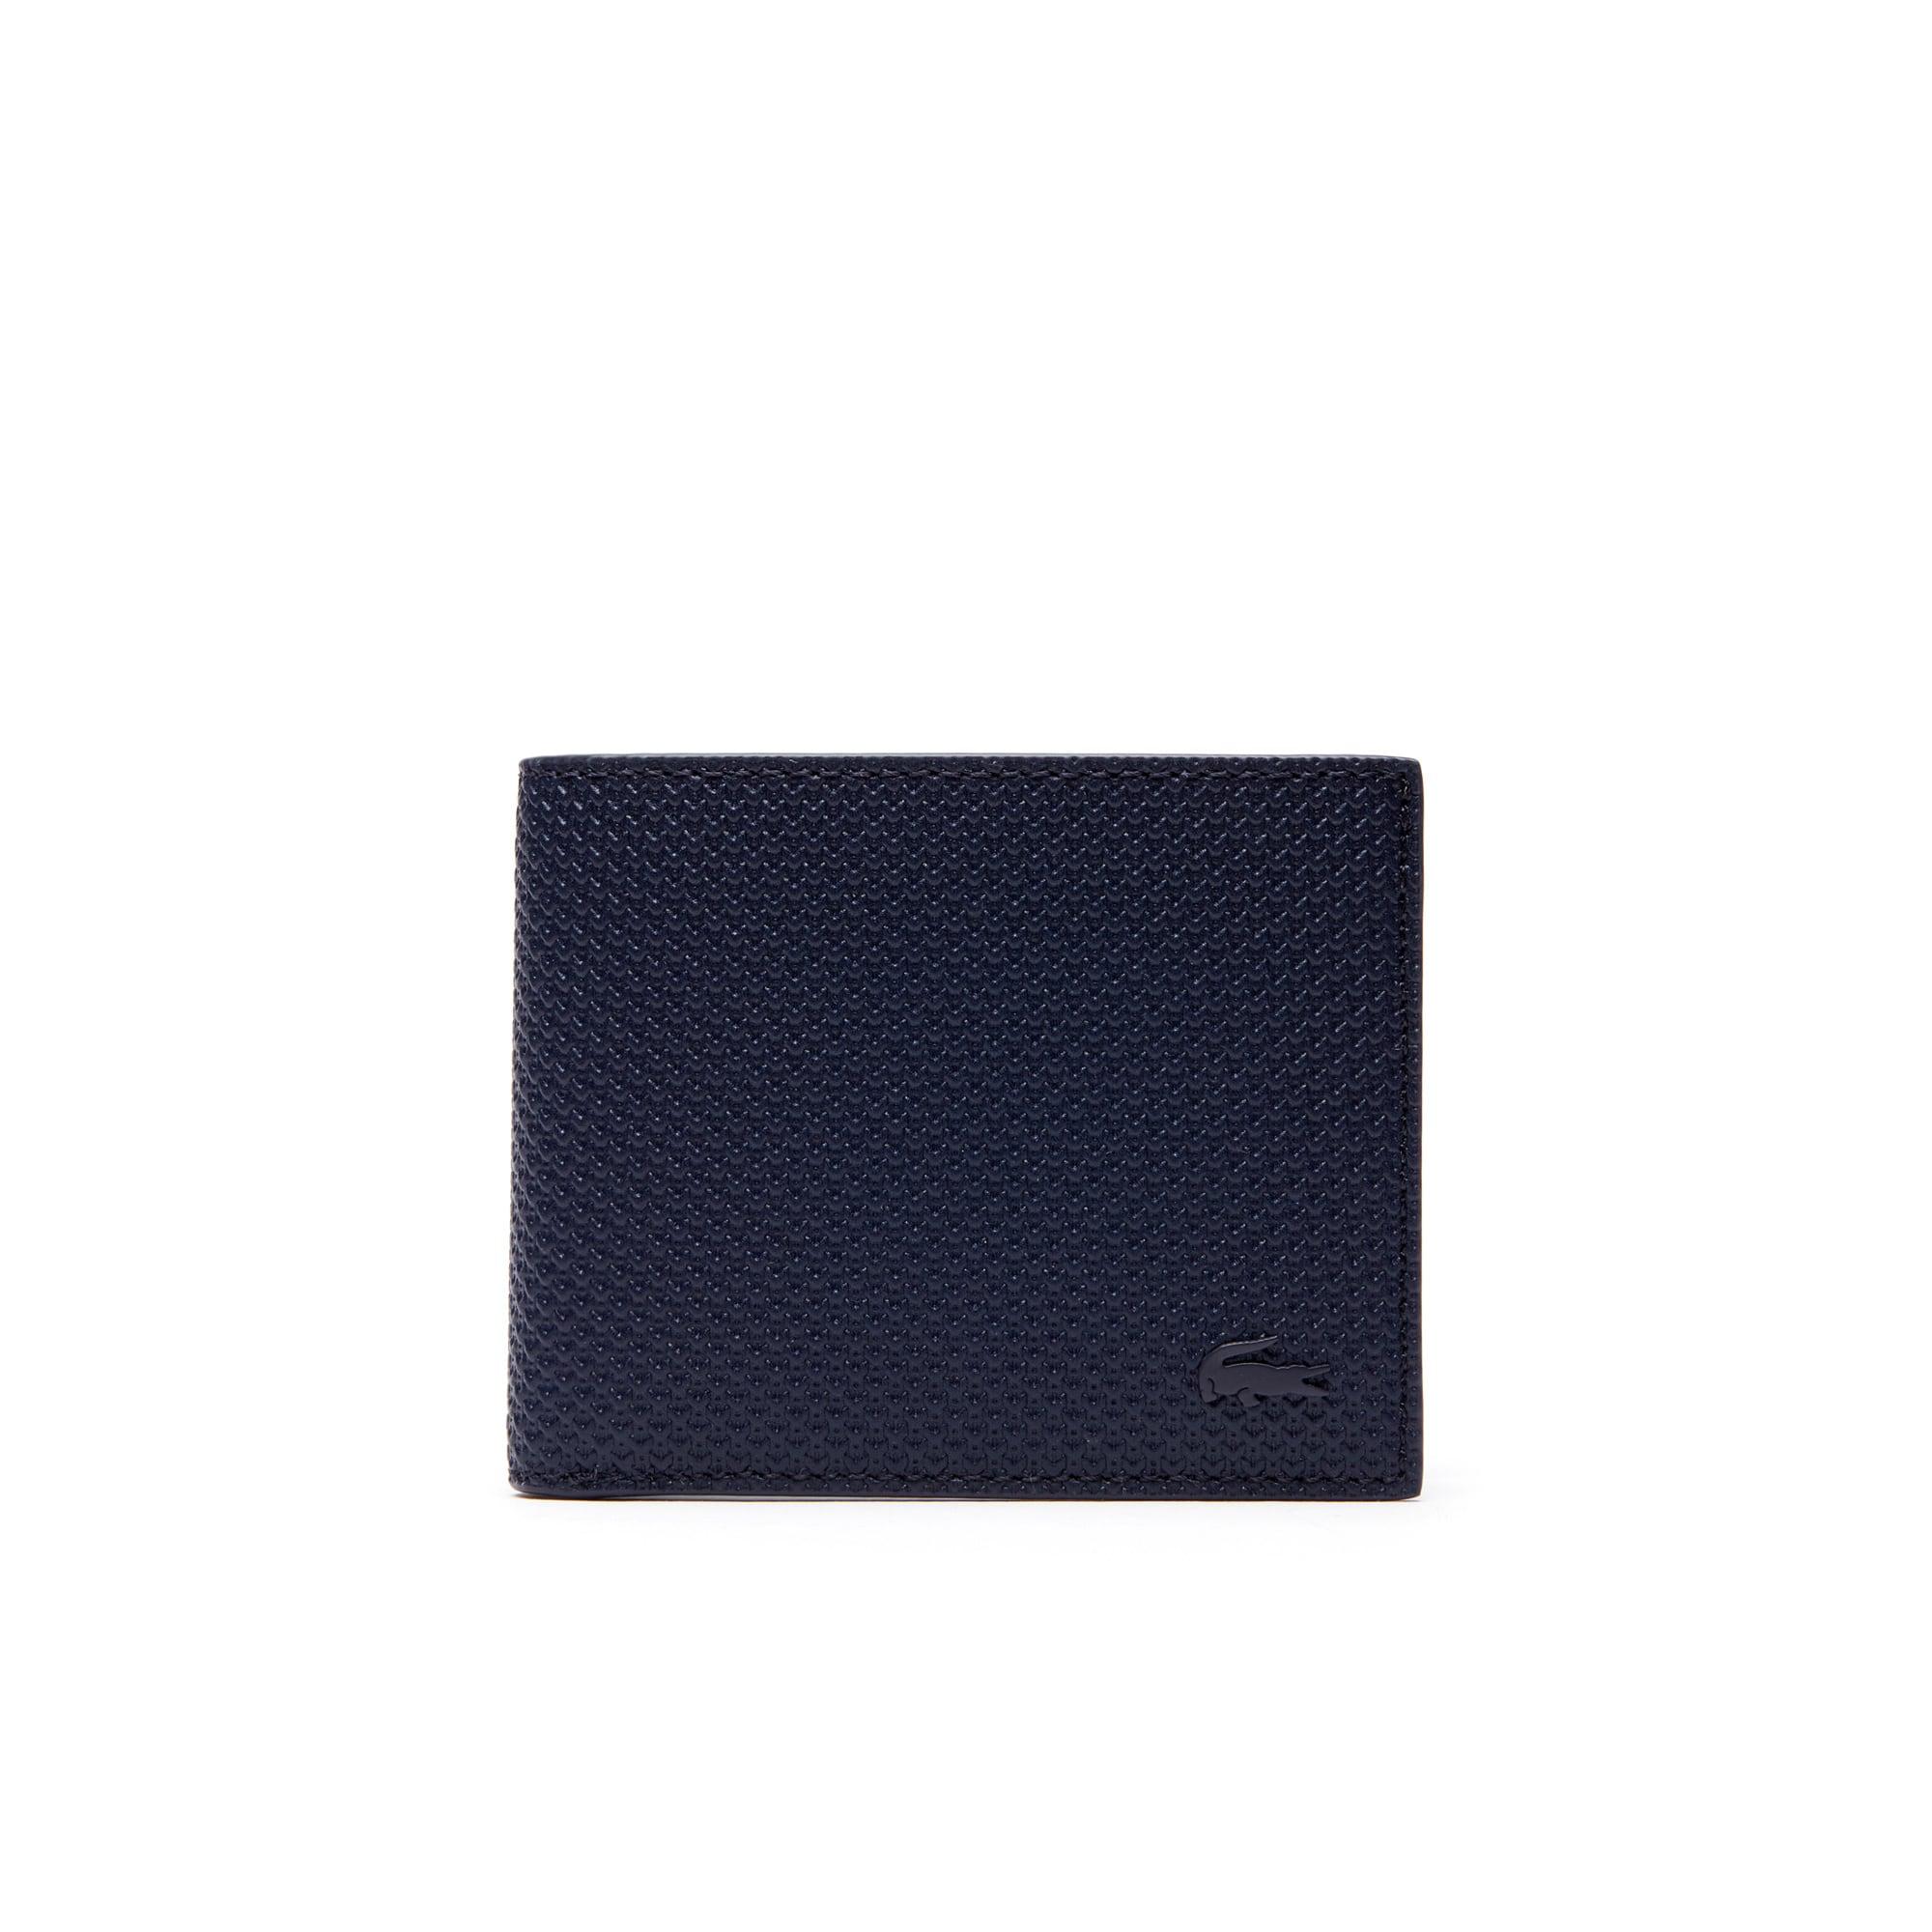 (남성) [샨타코] 모노크롬 레더 플랫 지갑